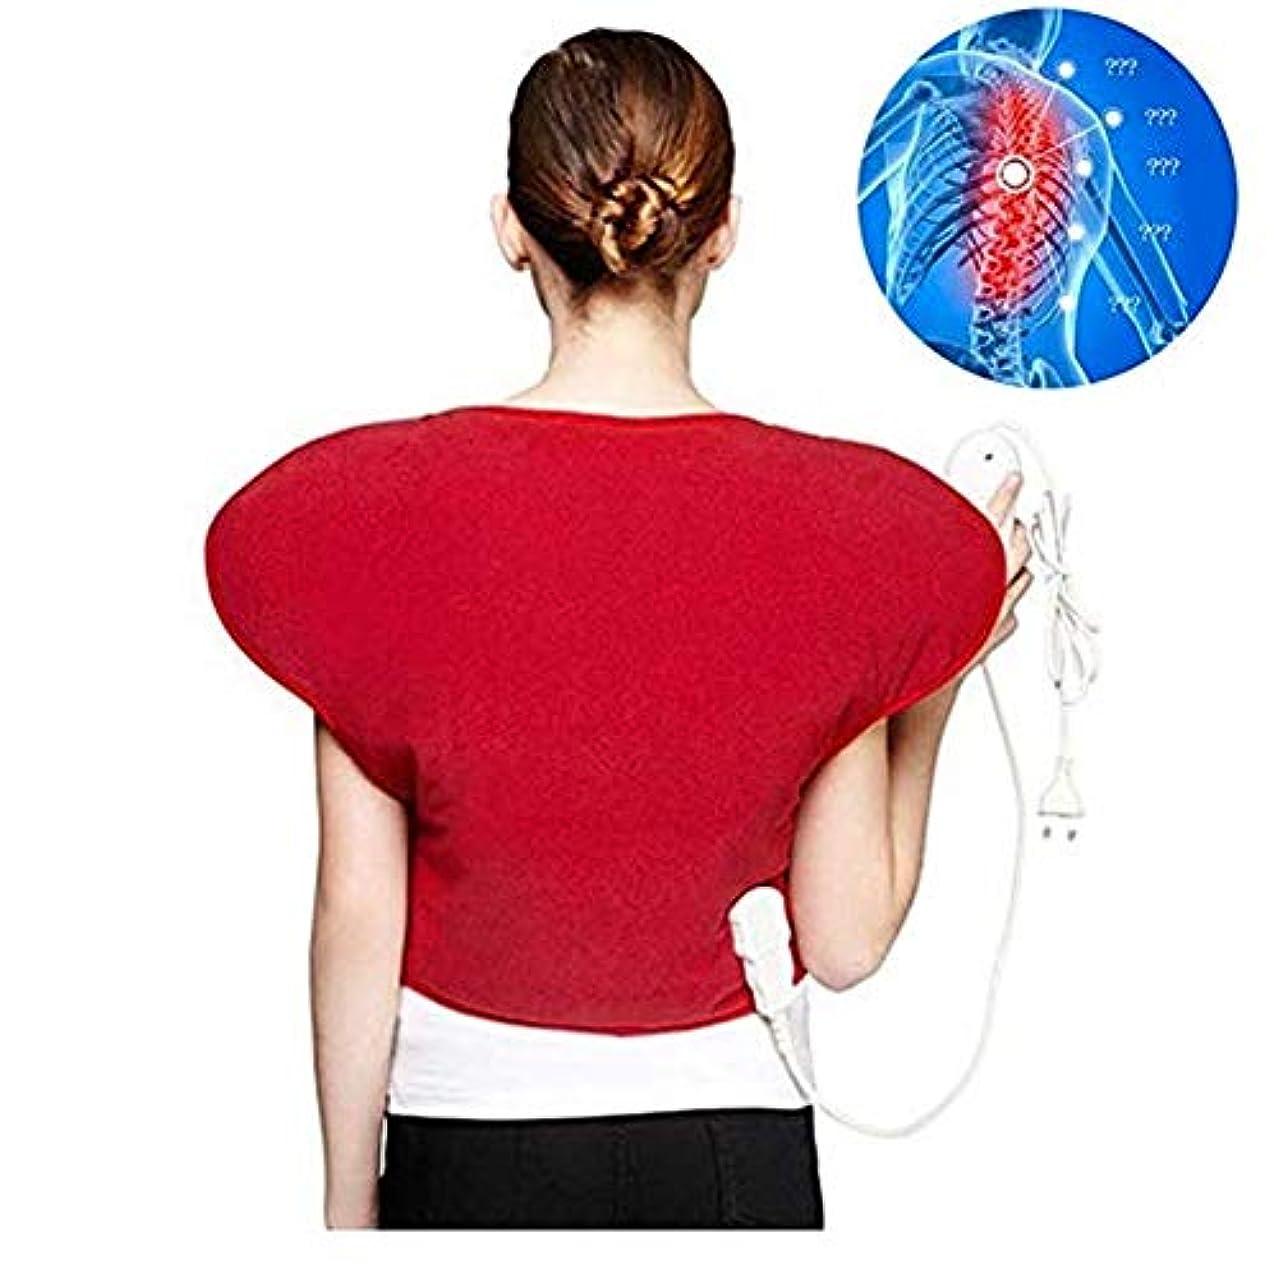 肩と首の電気ヒーターパッド - 物理的な痛みの救済ホットヒートのベスト、3ファイル一定の温度、自動パワーオフ、医療用品蝶形のマッサージのヒートパッド